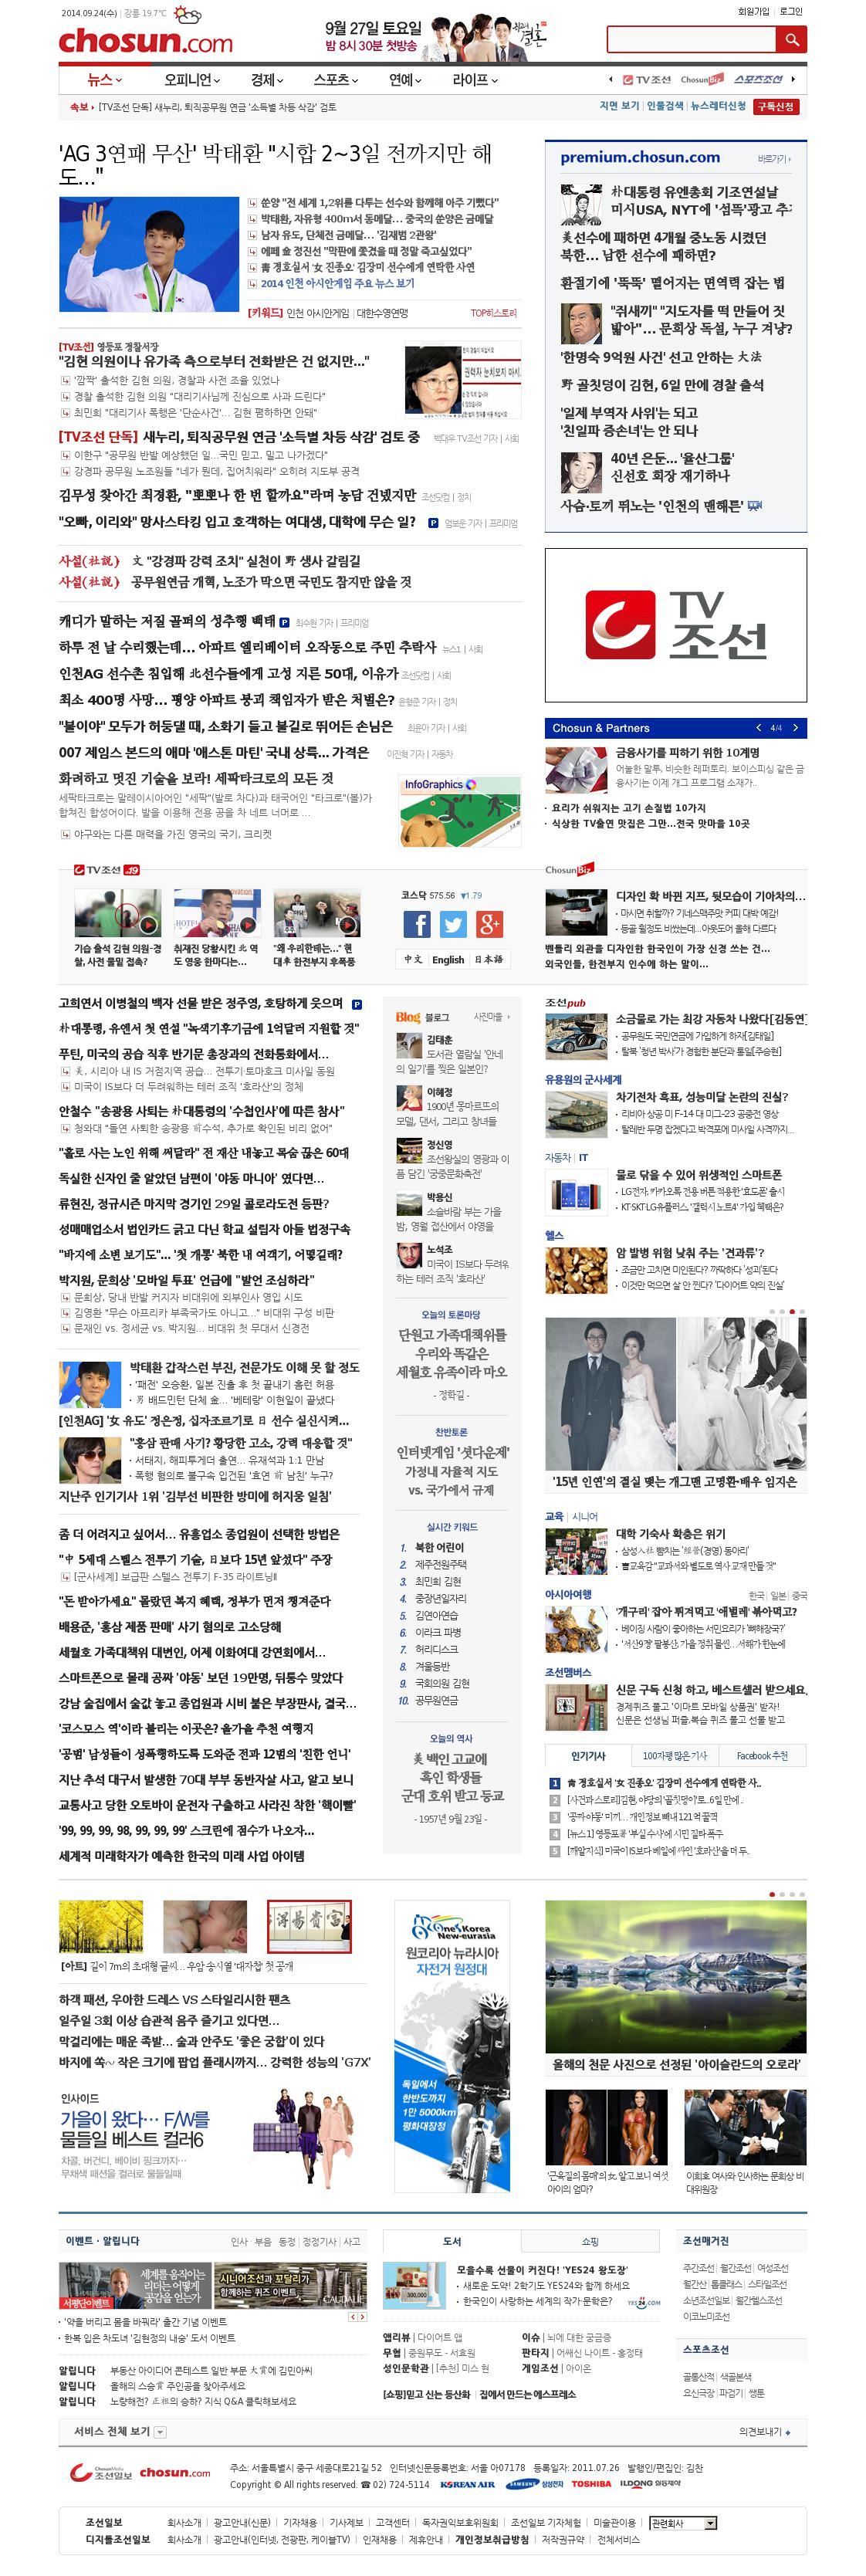 chosun.com at Tuesday Sept. 23, 2014, 4:02 p.m. UTC